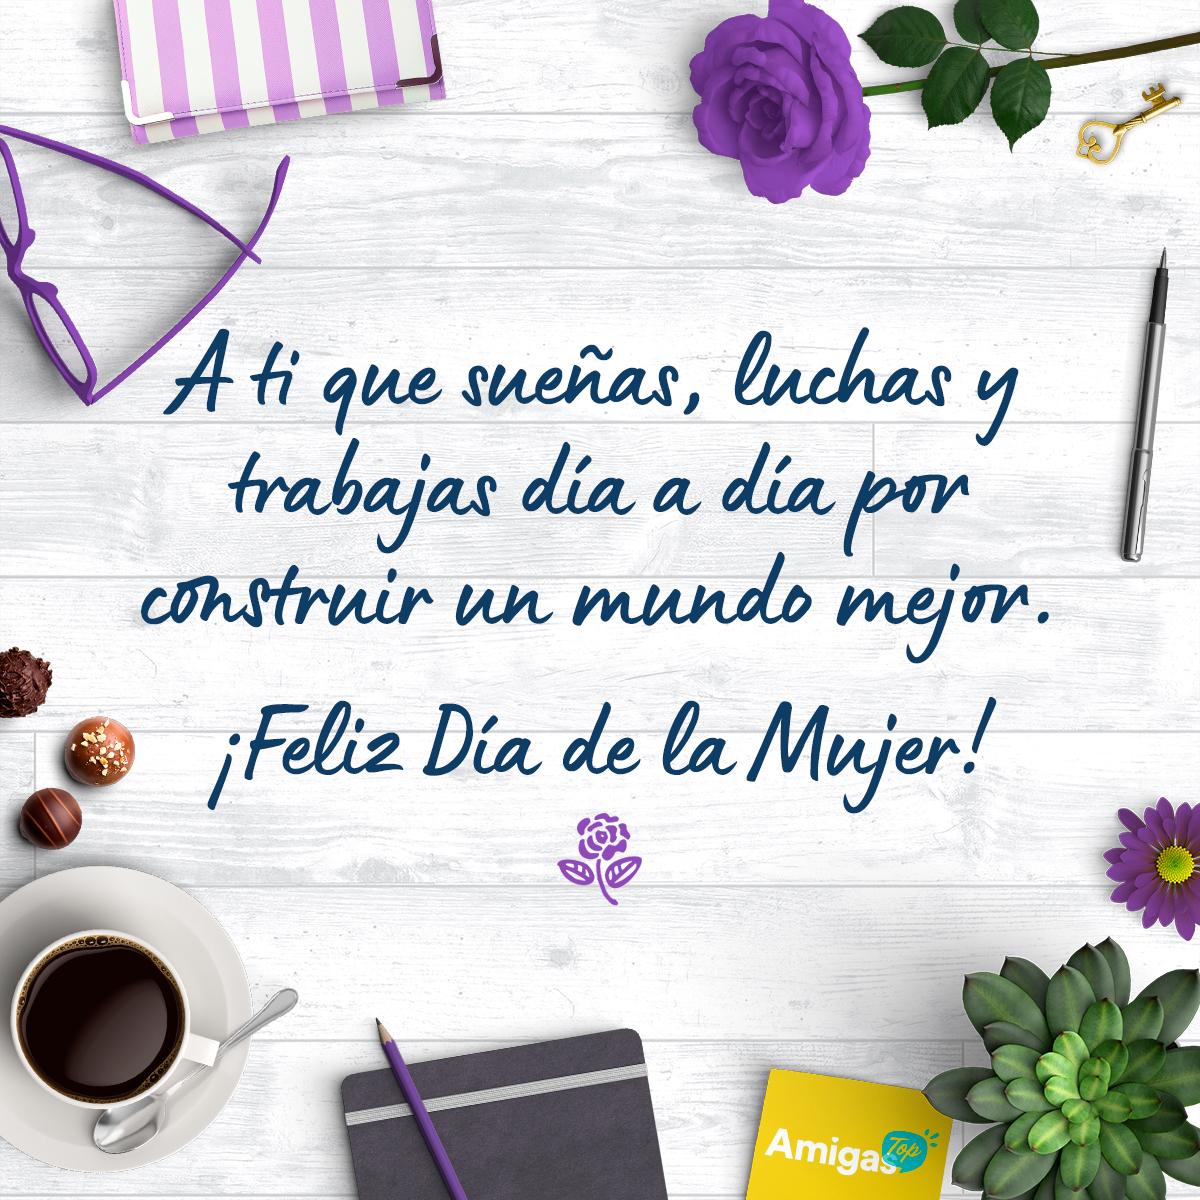 Mensajes Para Felicitar El Dia De La Mujer 8 Marzo 2021 Amigas Top Tu familia y amigos te queremos mucho y. mensajes para felicitar el dia de la